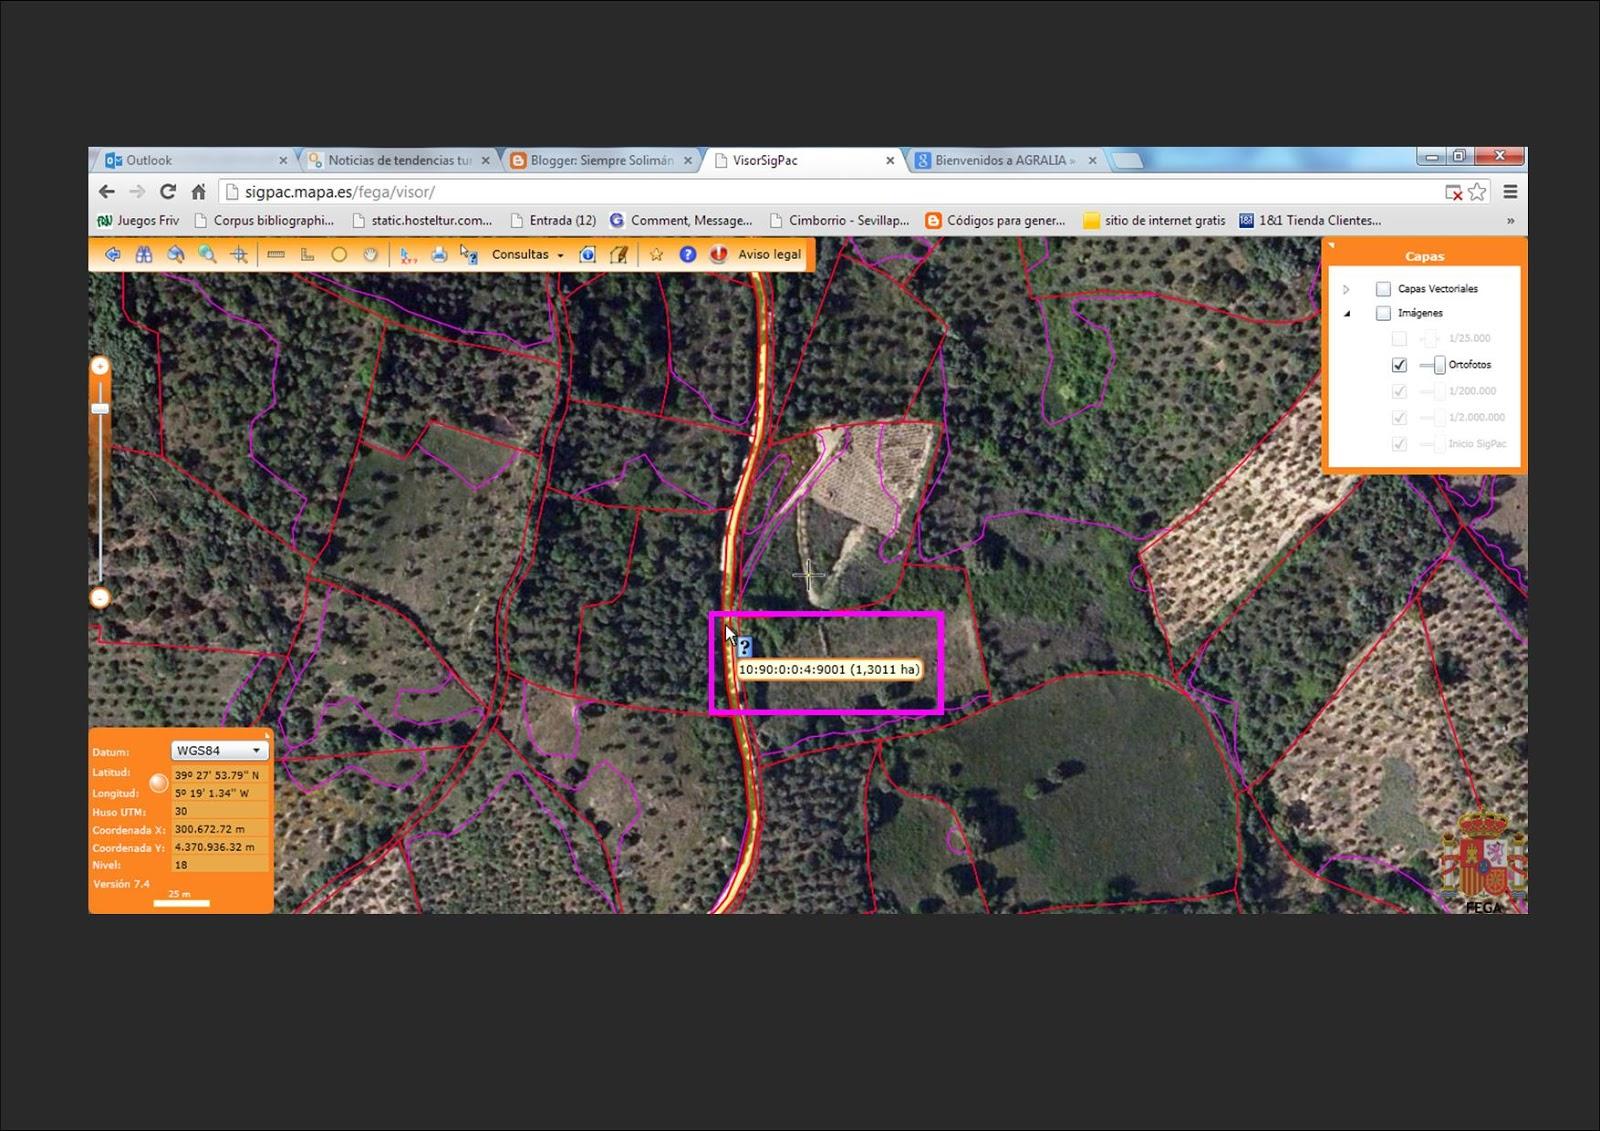 Geoturismo en el geoparque villuercas herramientas en for Catastro burgos oficina virtual